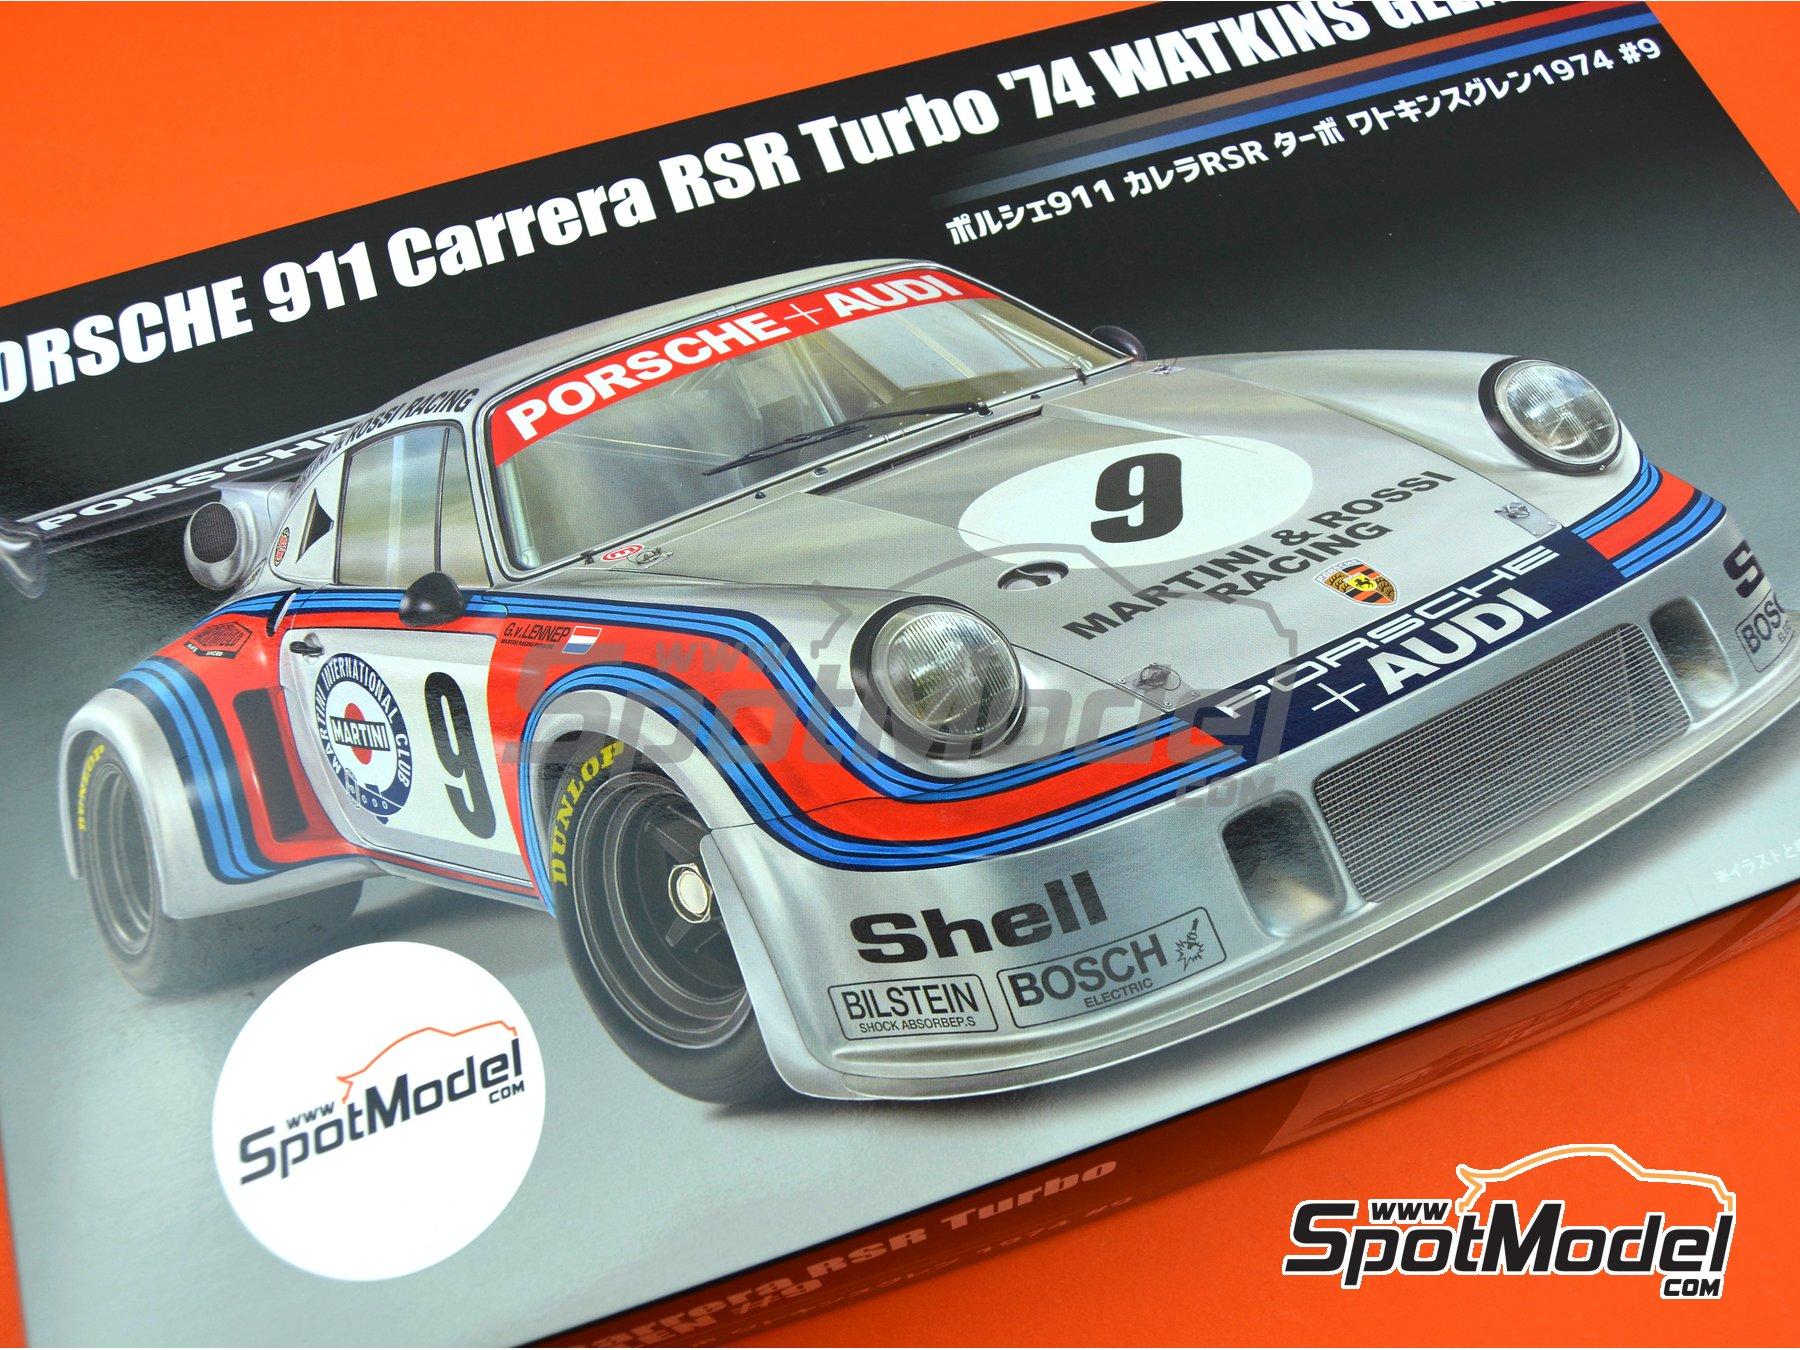 Image 18: Porsche 911 Carrera RSR Turbo Martini Rossi Porsche Audi - 6 horas de Watkins Glen 1974 | Maqueta de coche en escala1/24 fabricado por Fujimi (ref.FJ126494, tambien 126494 y RS-99)